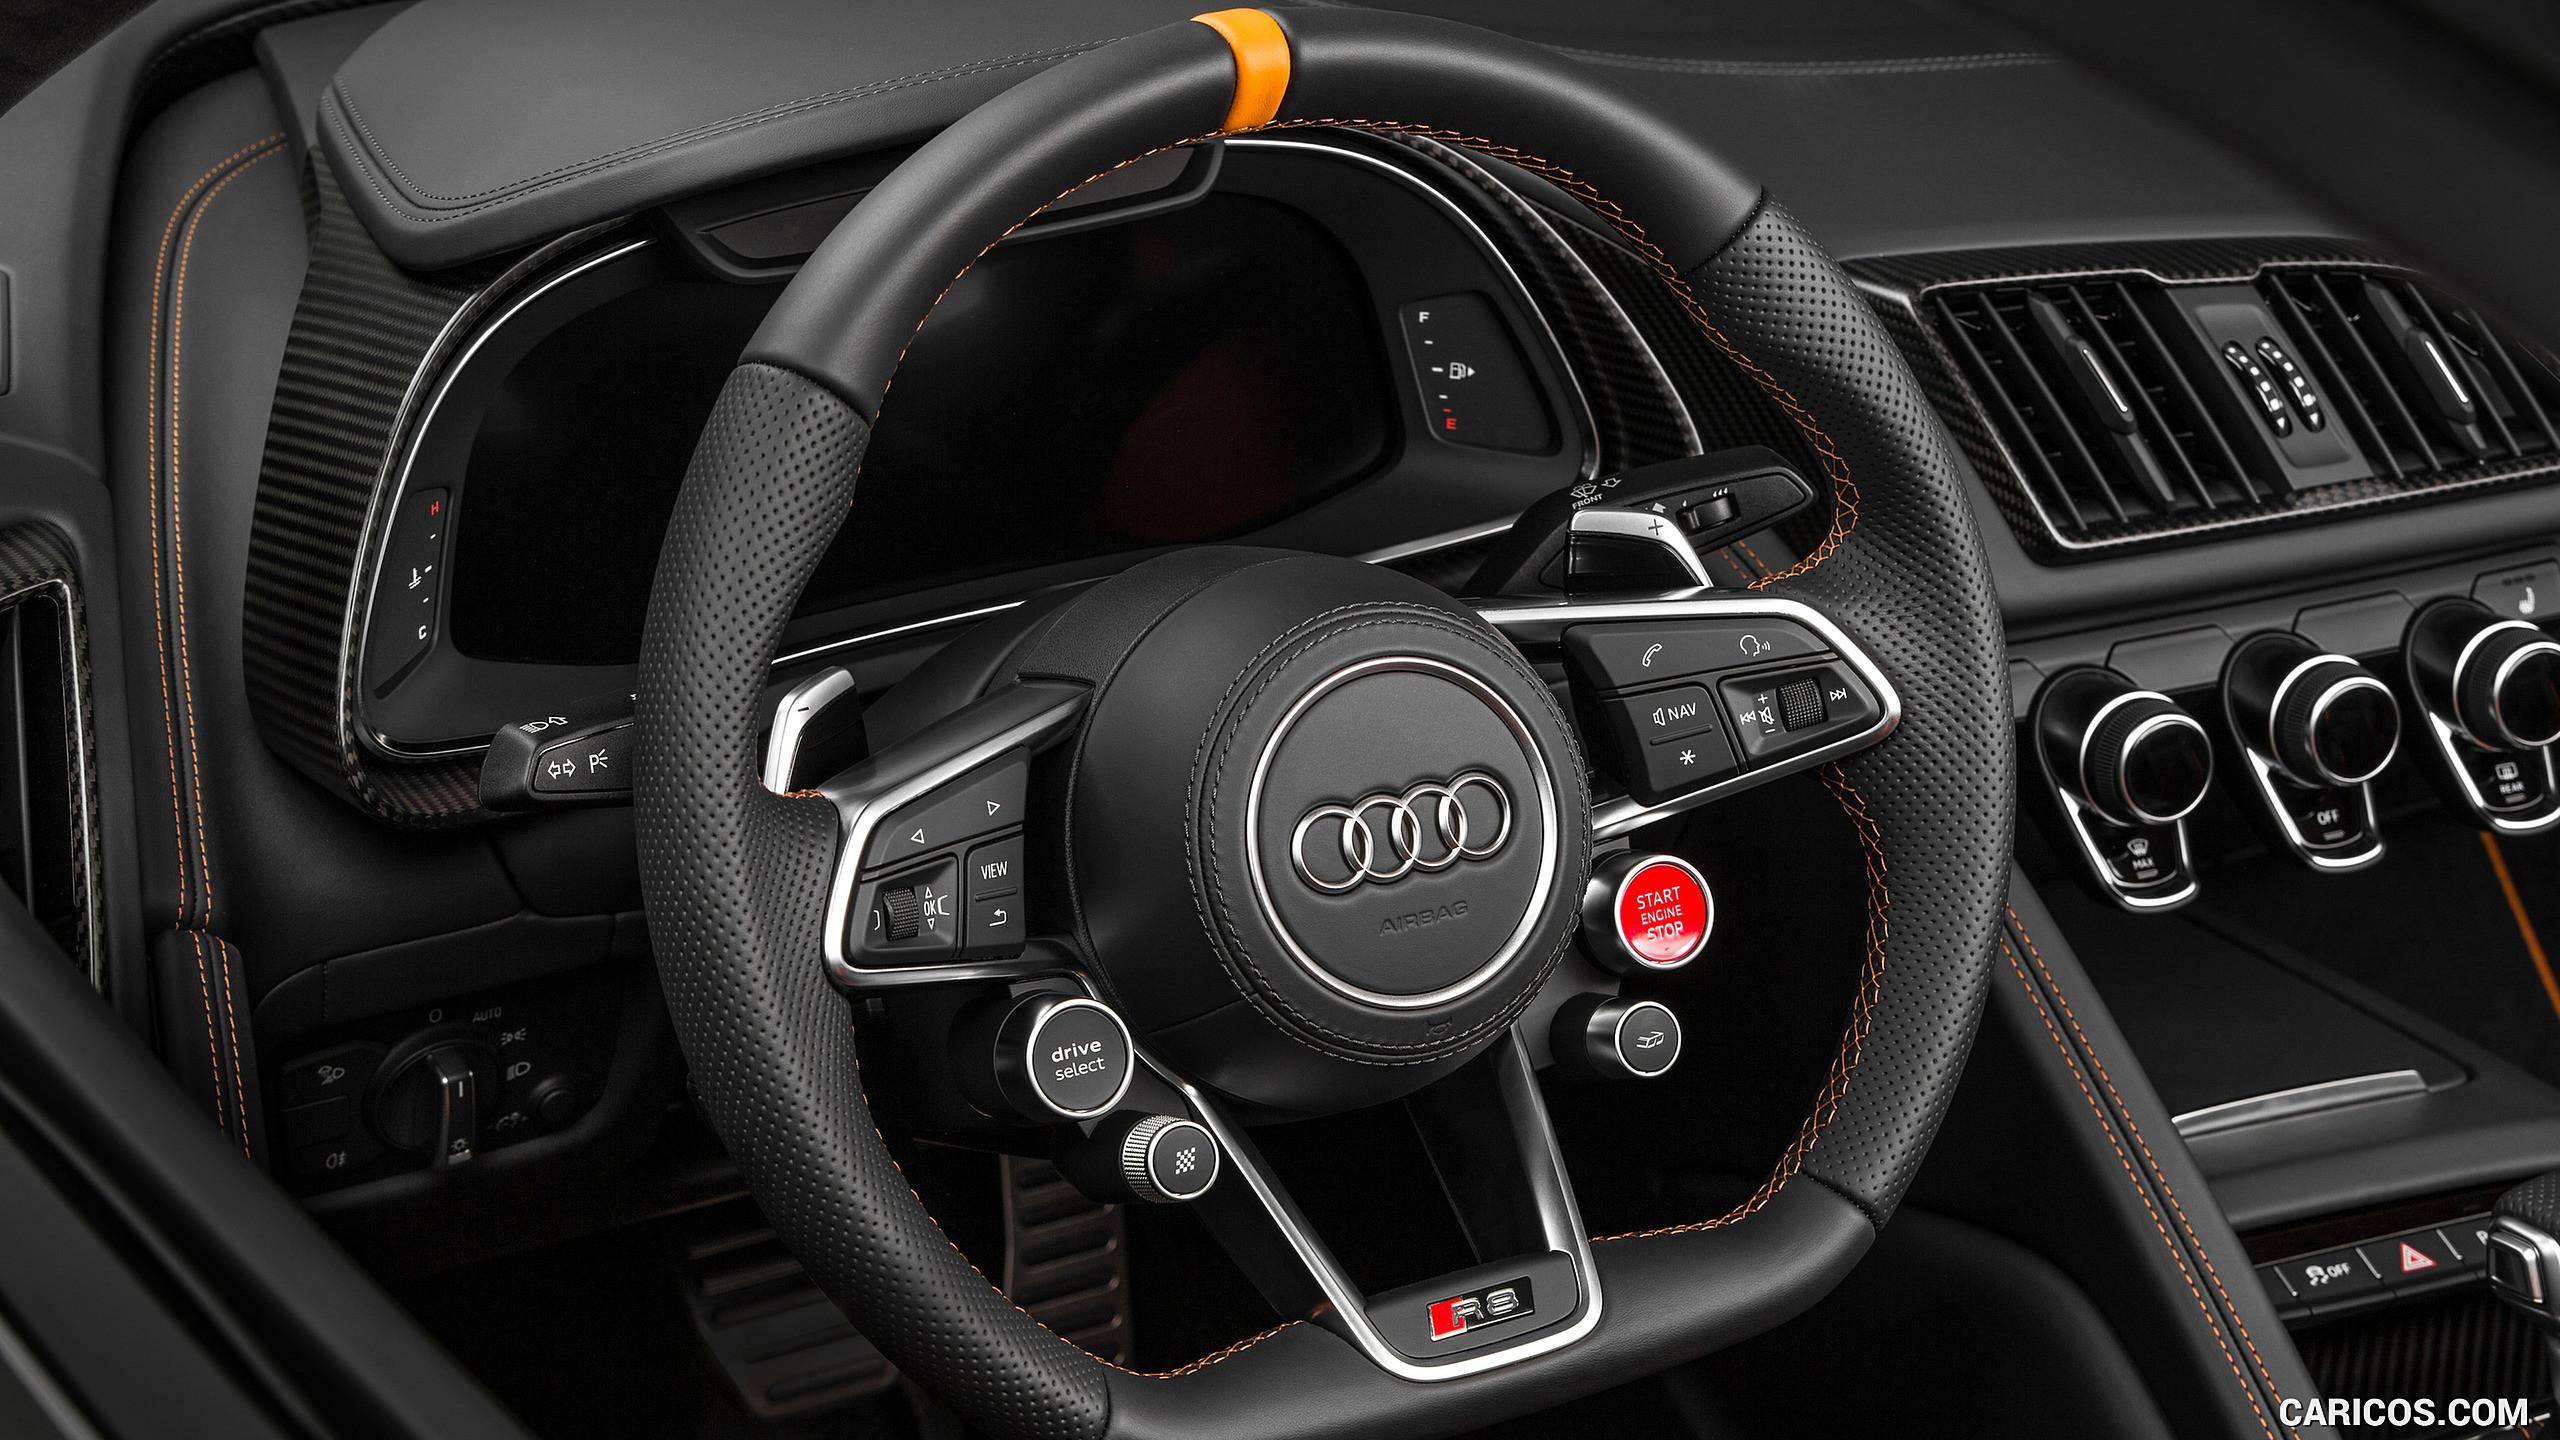 Audi R8 V10 Wallpaper 72 Images